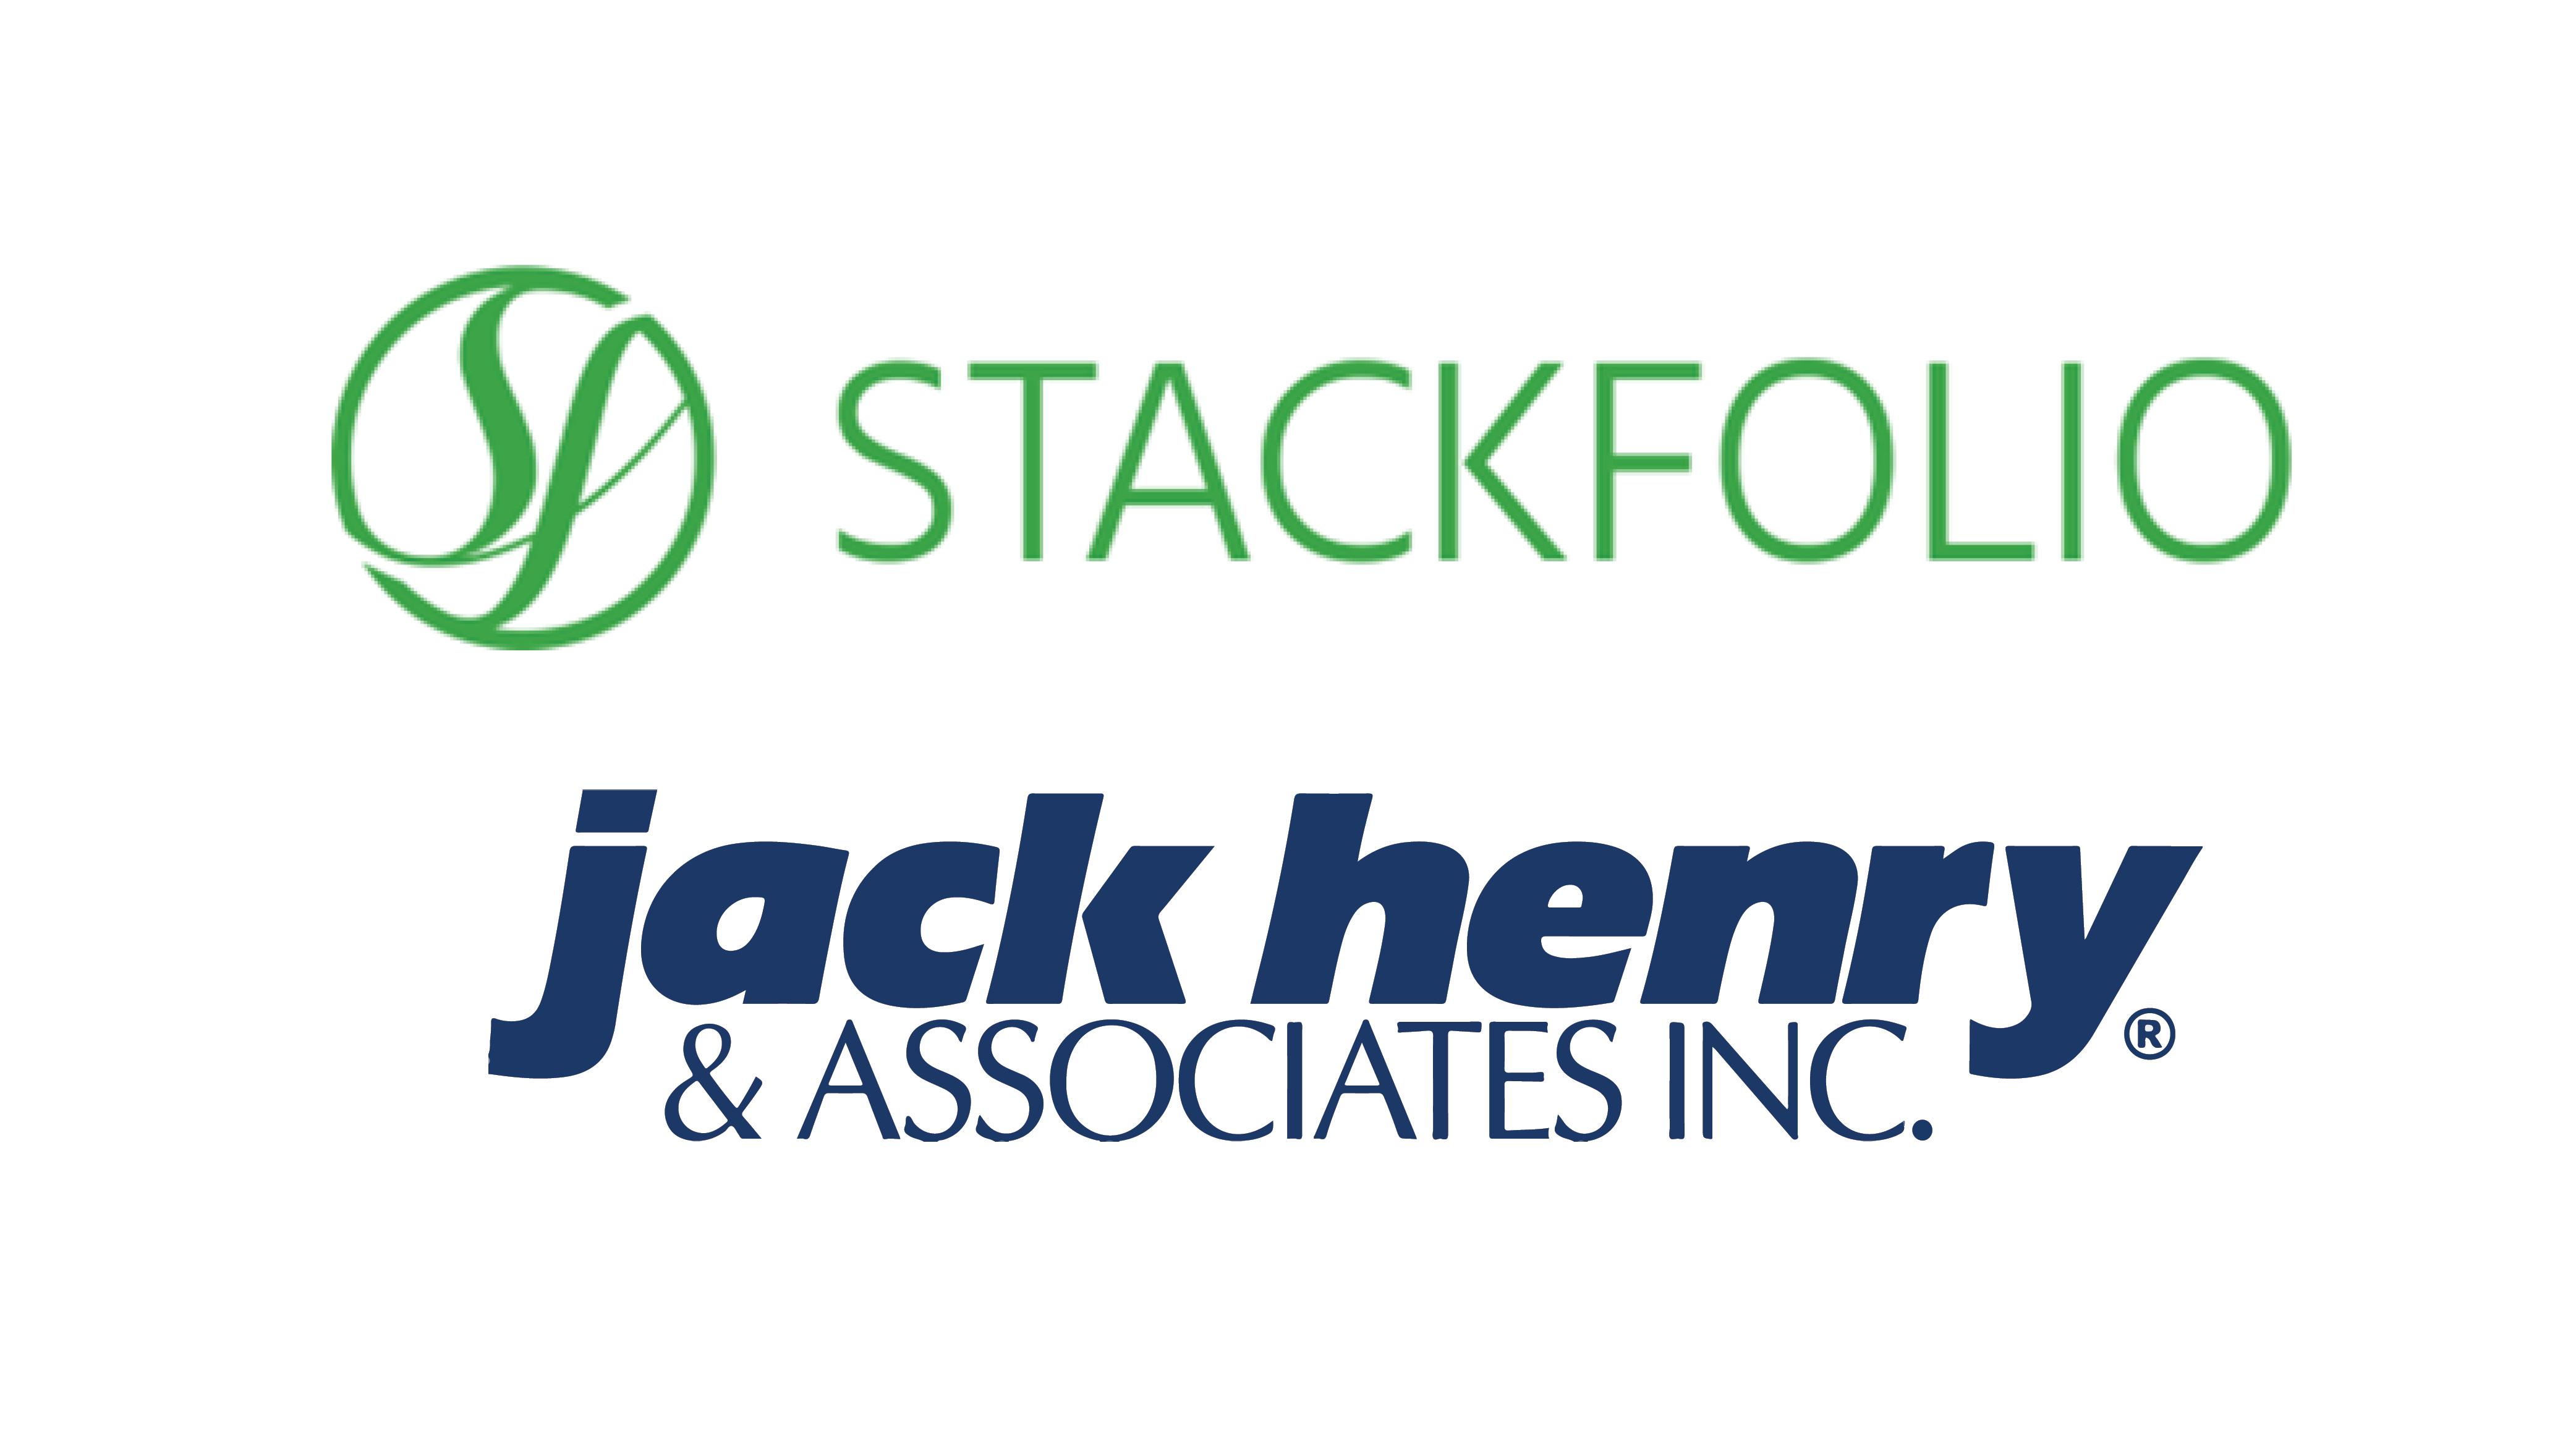 Stackfolio